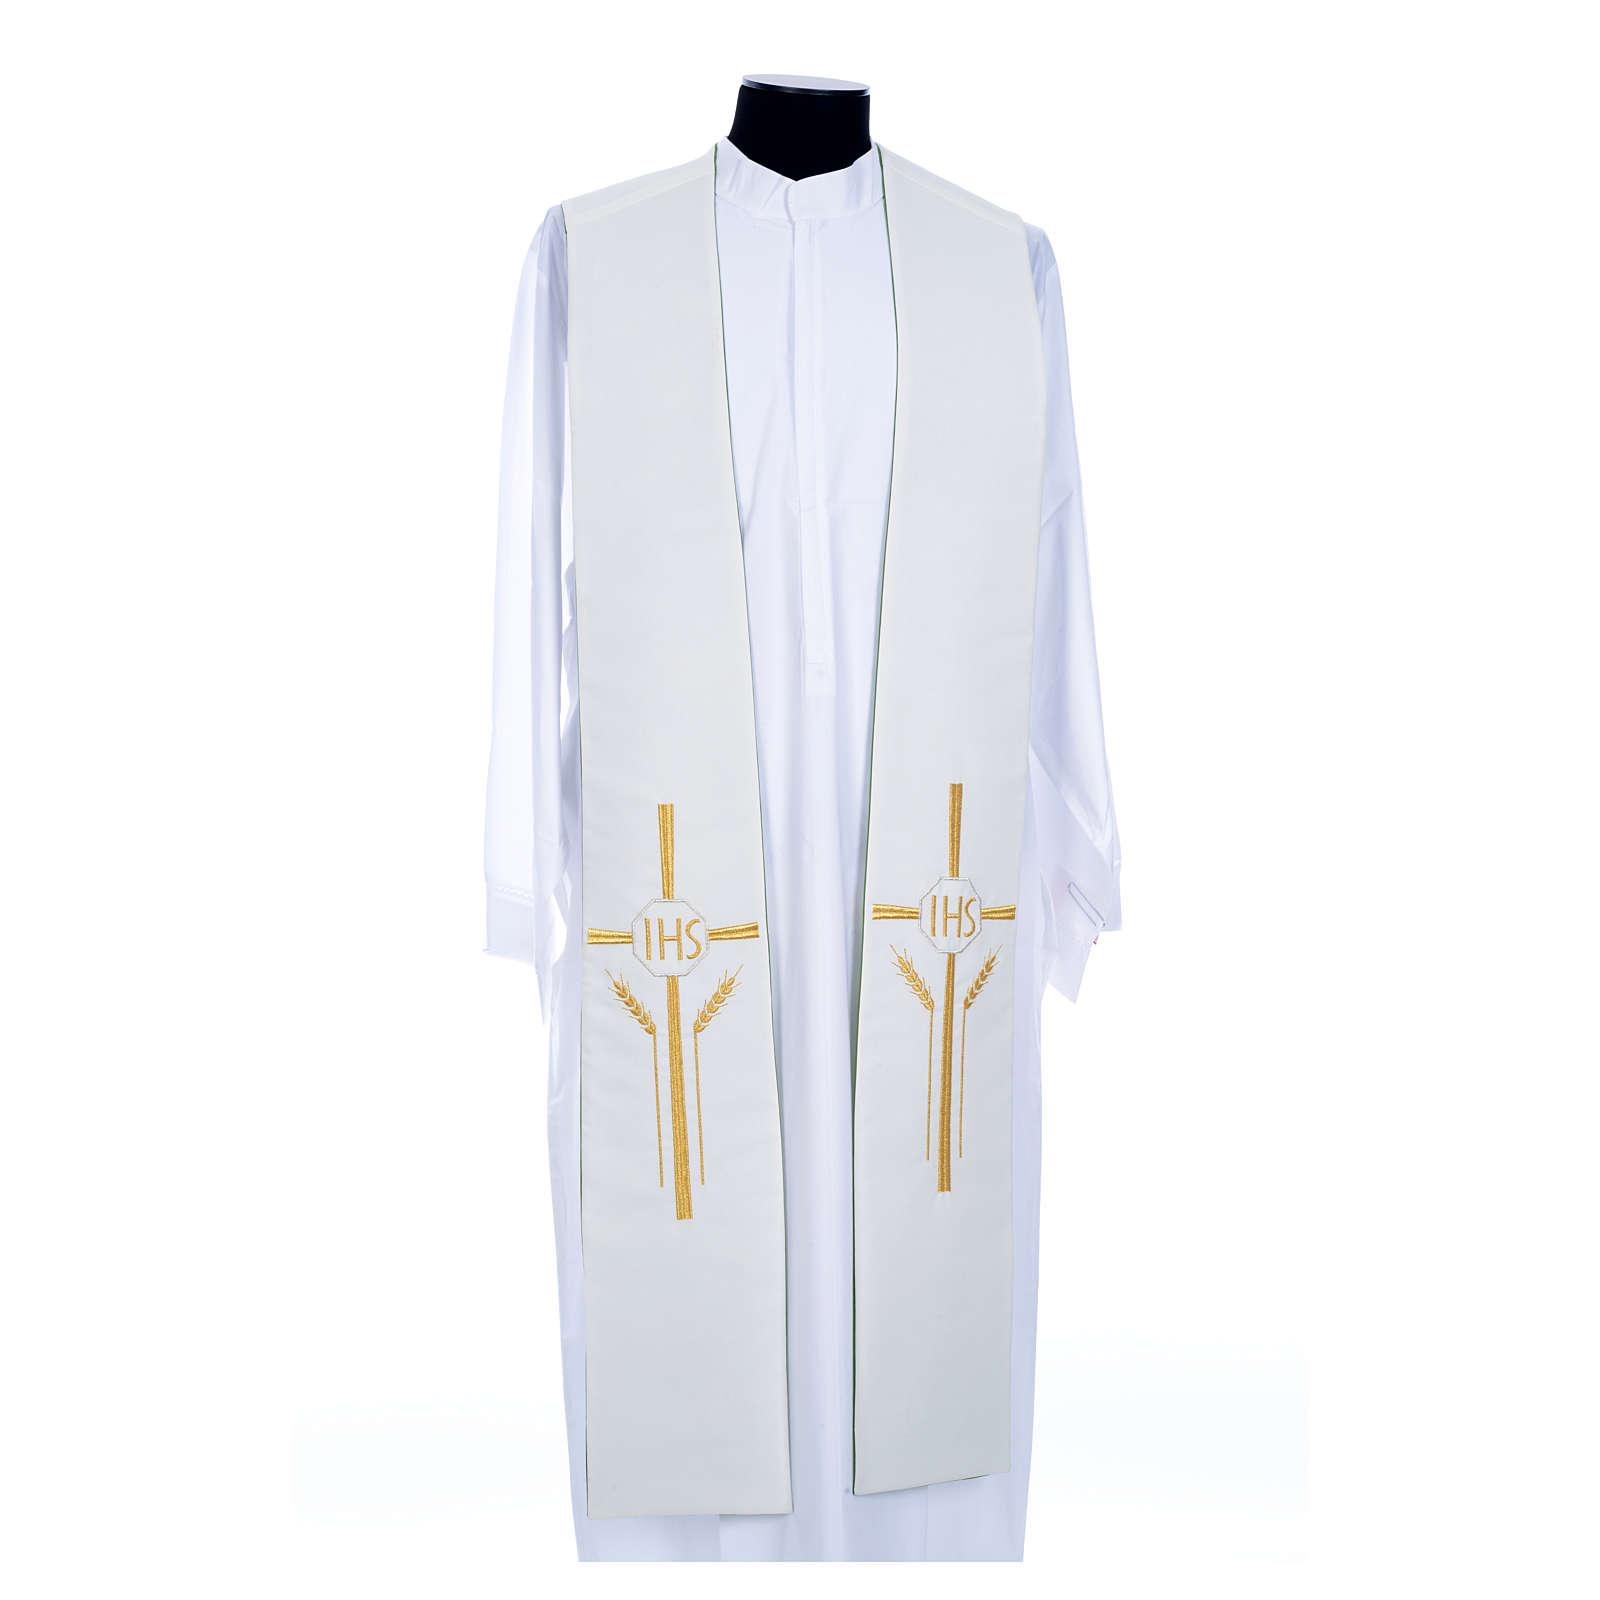 Etole liturgique double face vert blanc IHS épis polyester 4